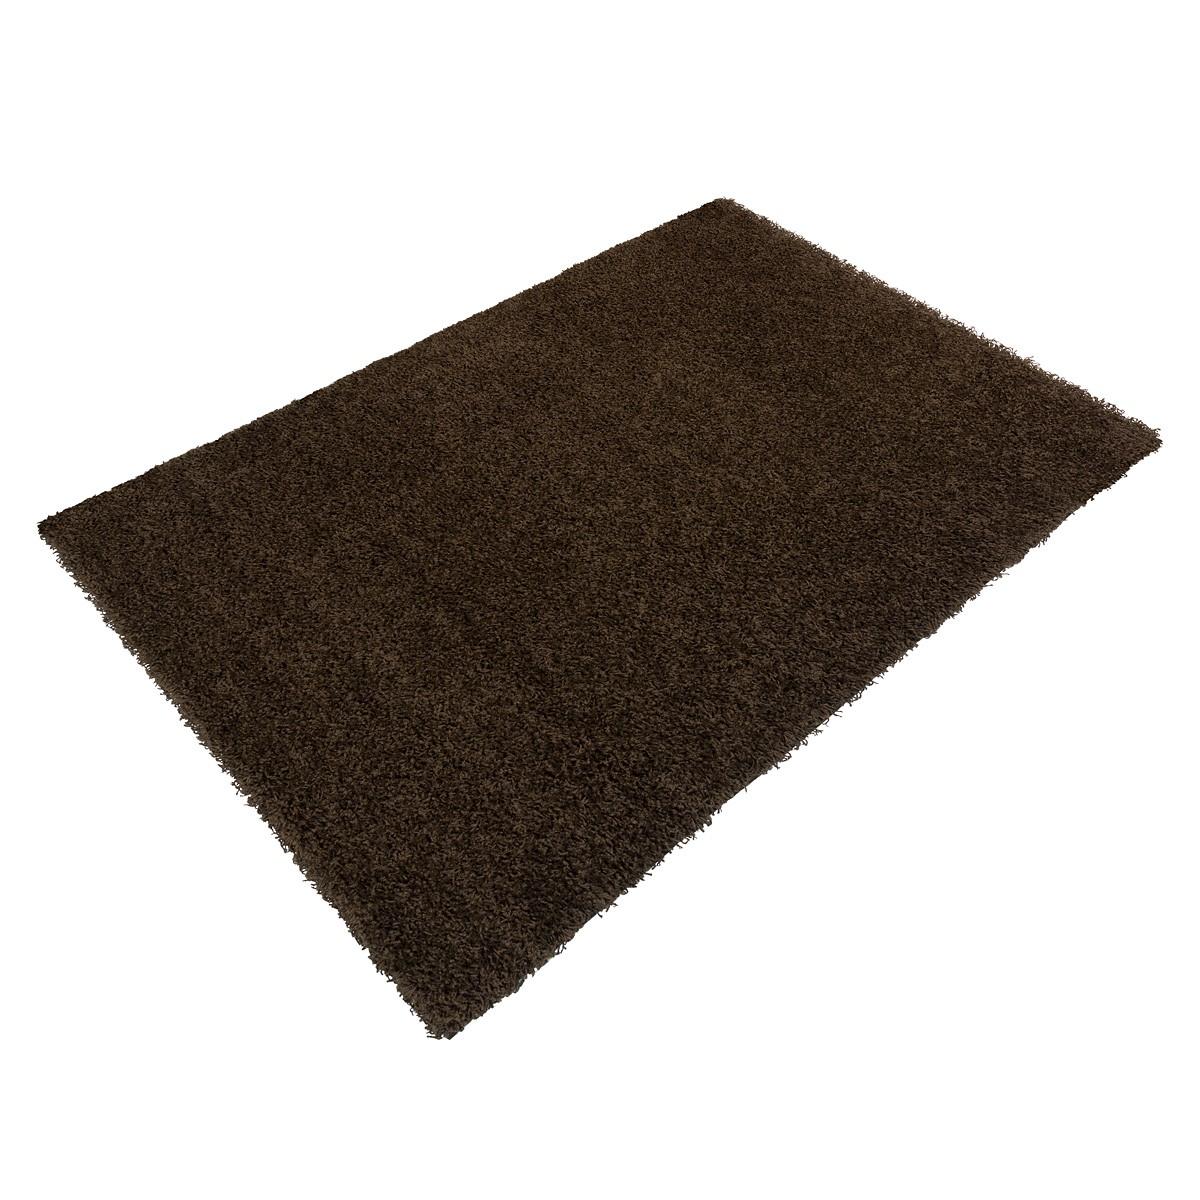 teppich braun uni shaggy fancy hochflor eckig rund in vers. Black Bedroom Furniture Sets. Home Design Ideas